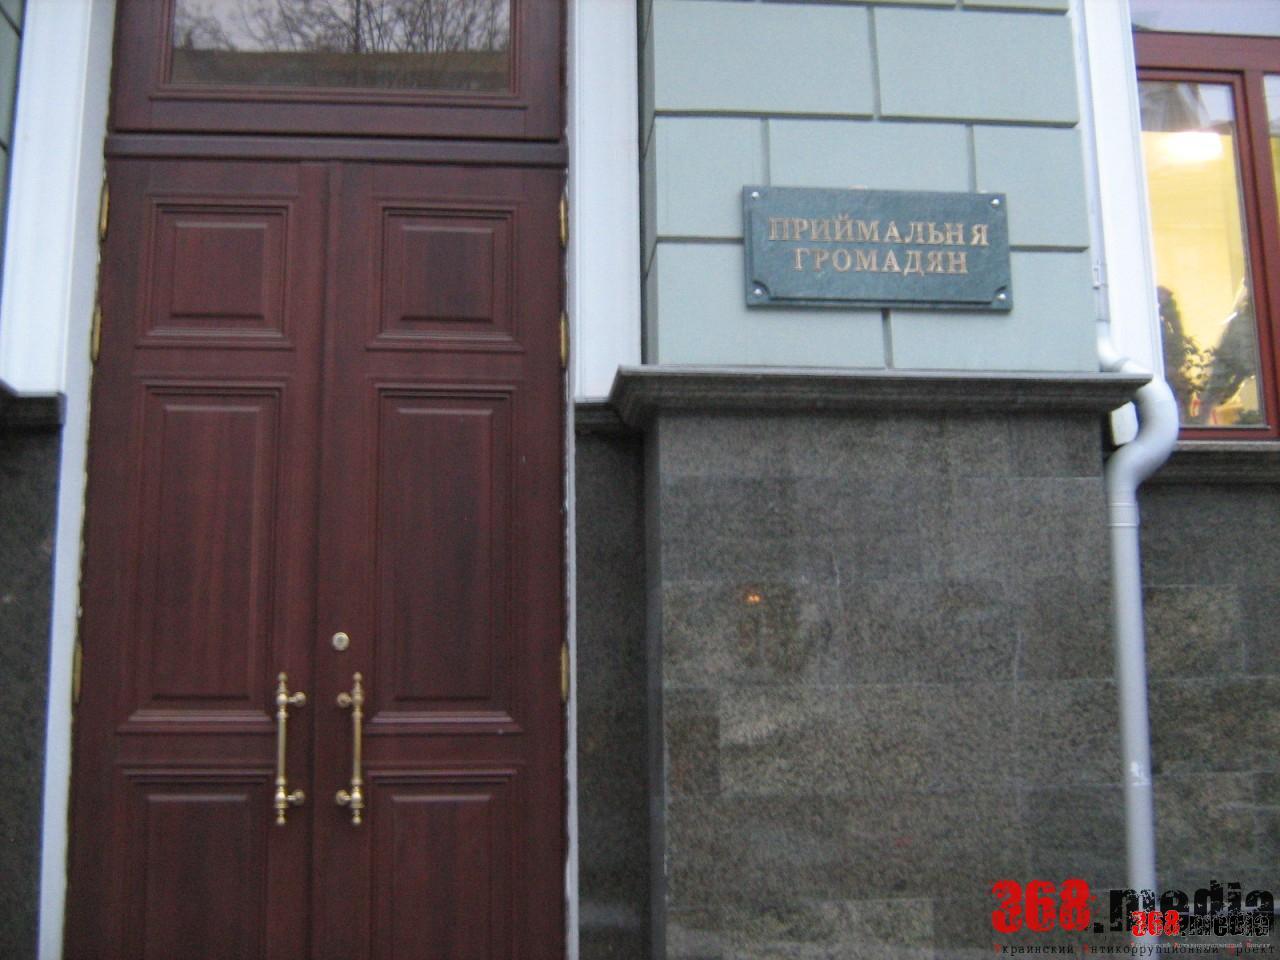 Так и хочется сказать: Одесса вставай, проспим город!